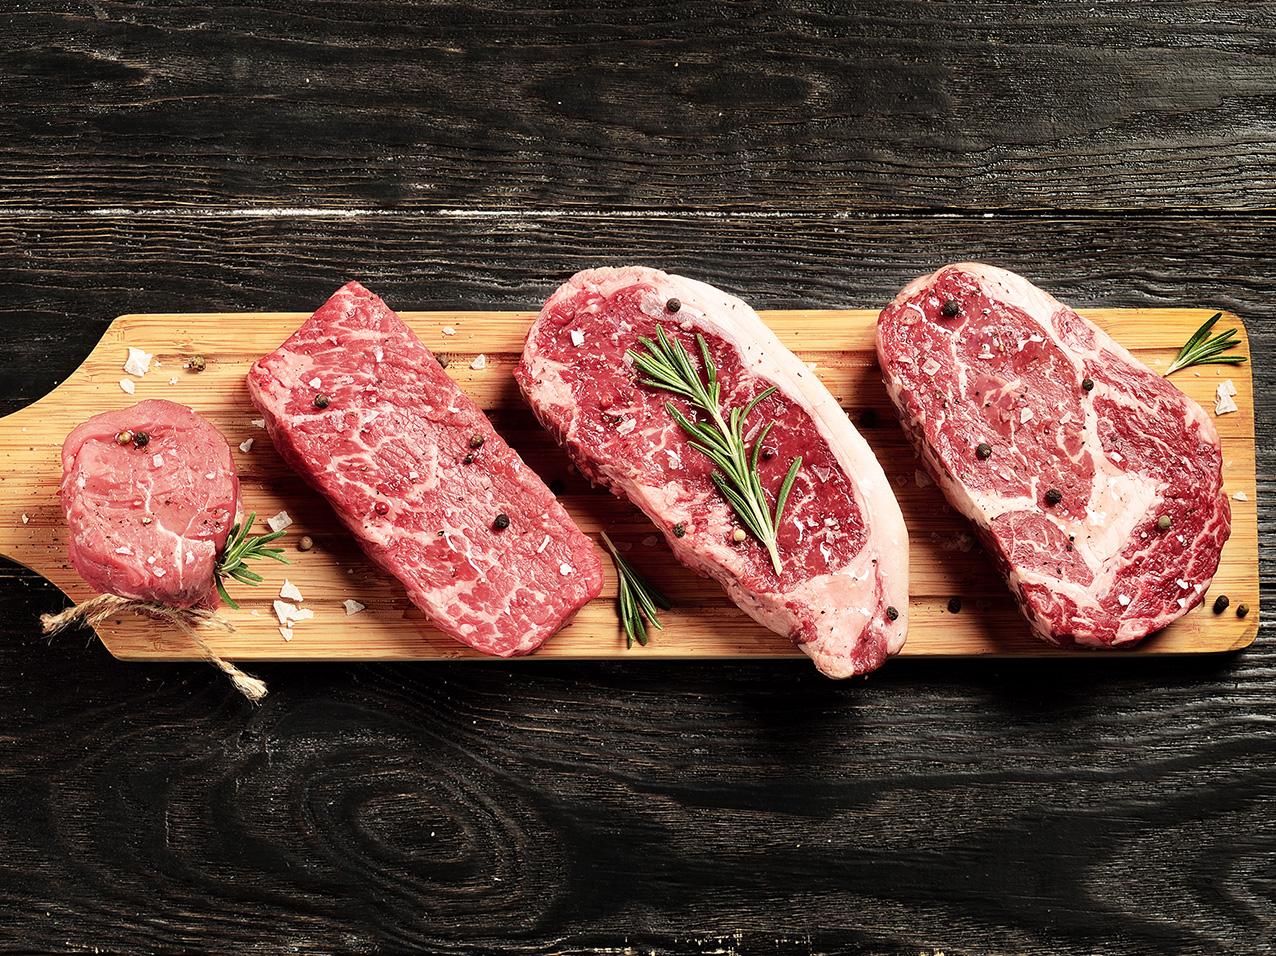 Steak_Marmorierung_Content